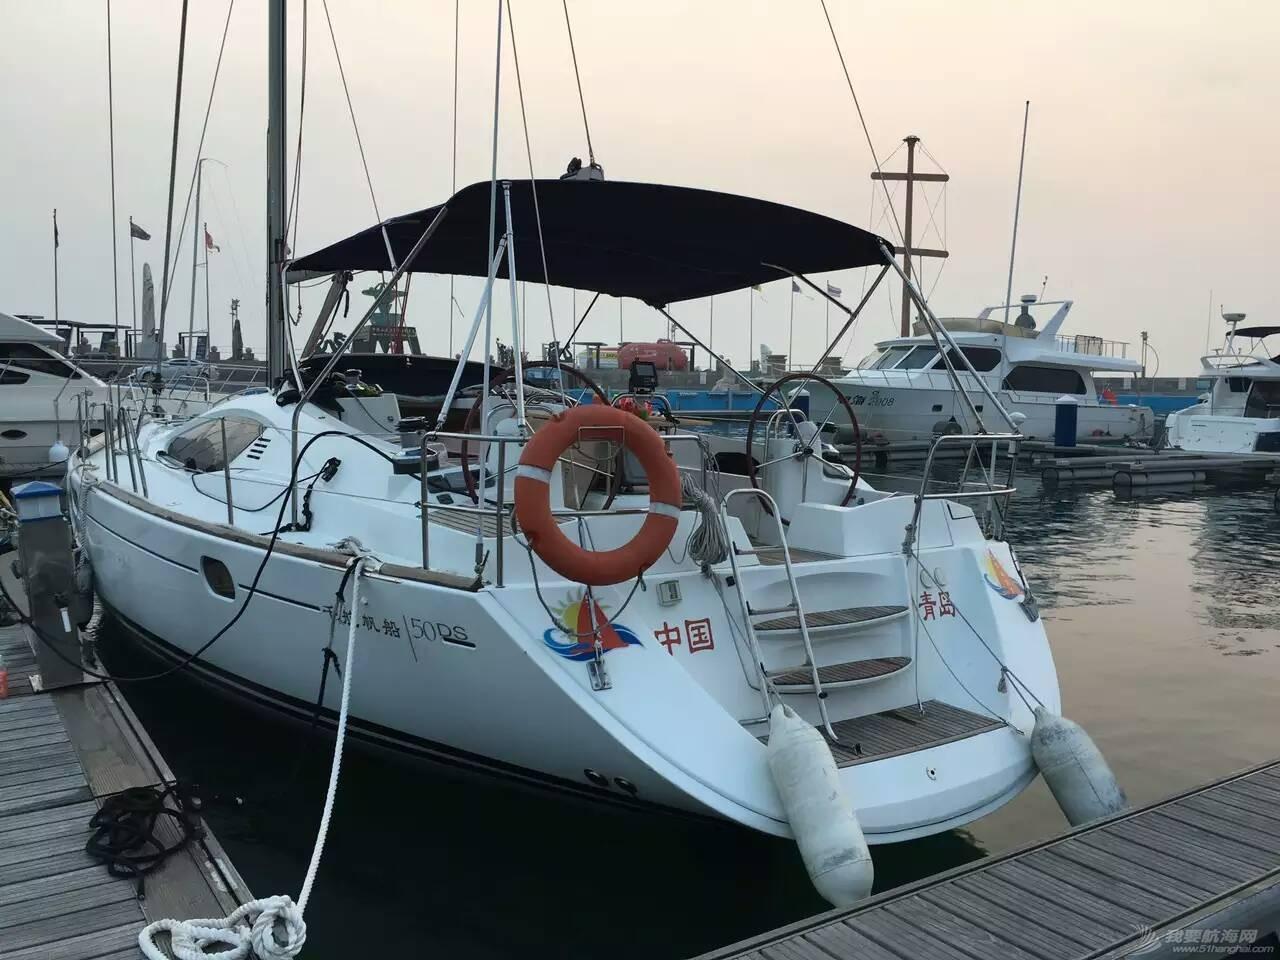 人生第一次长航-参加我要去航海-千航帆船队-环渤海拉力赛 mmexport1472738529327.jpg